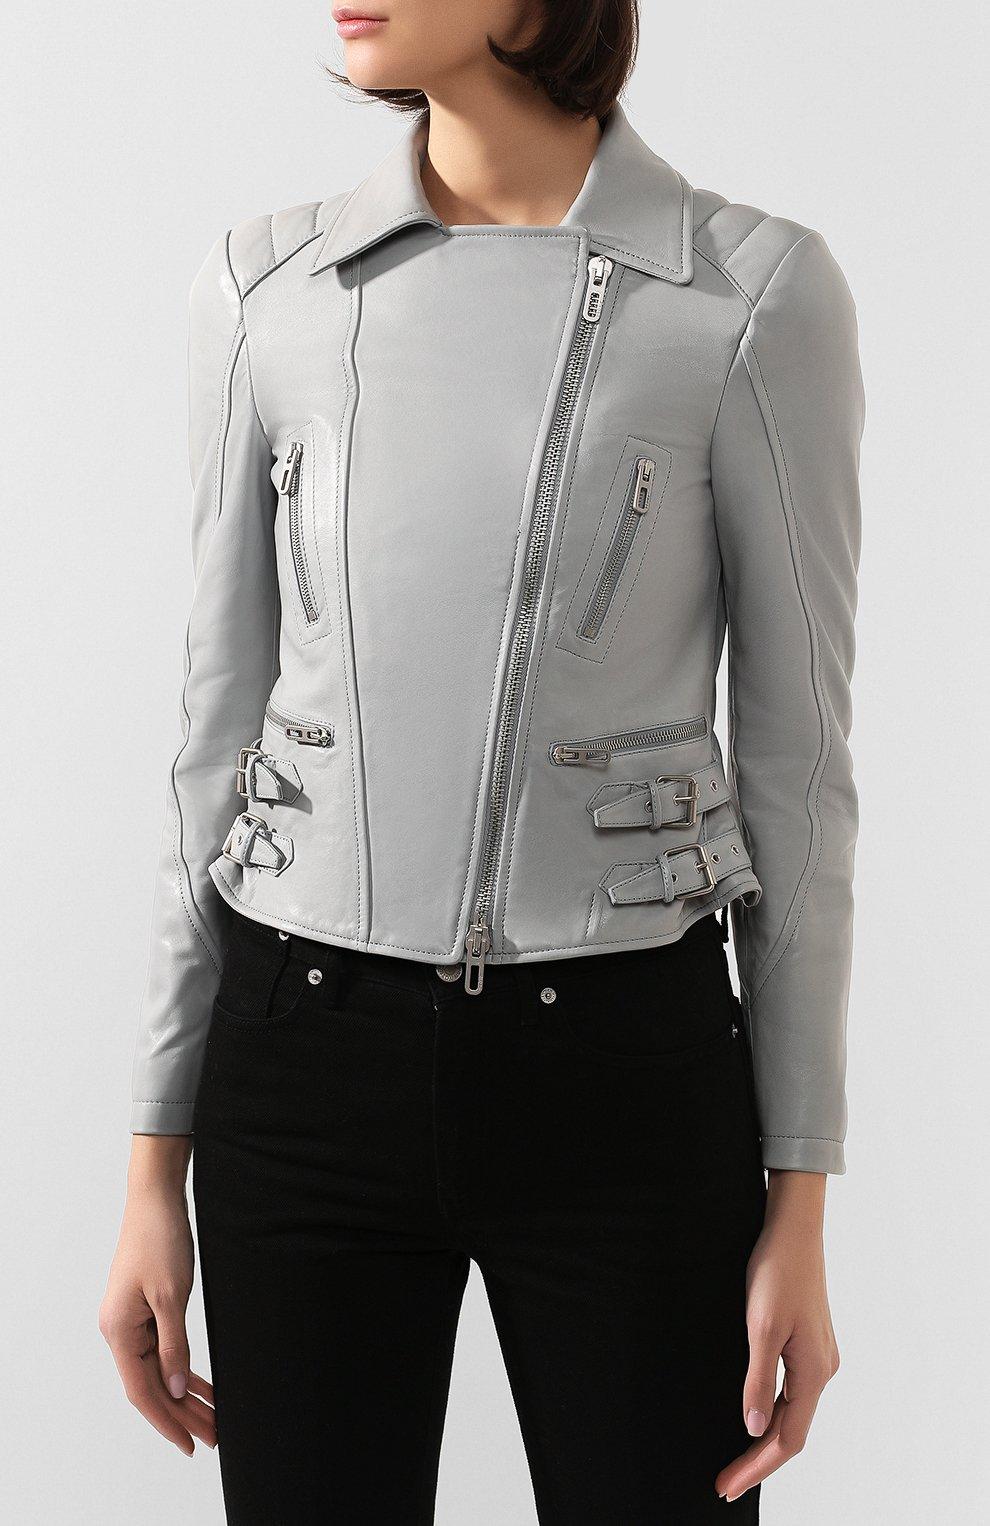 Женская кожаная куртка DROME серого цвета, арт. DPD3014/D1098   Фото 3 (Кросс-КТ: Куртка; Рукава: Длинные; Материал внешний: Кожа; Женское Кросс-КТ: Замша и кожа; Длина (верхняя одежда): Короткие; Материал подклада: Вискоза)